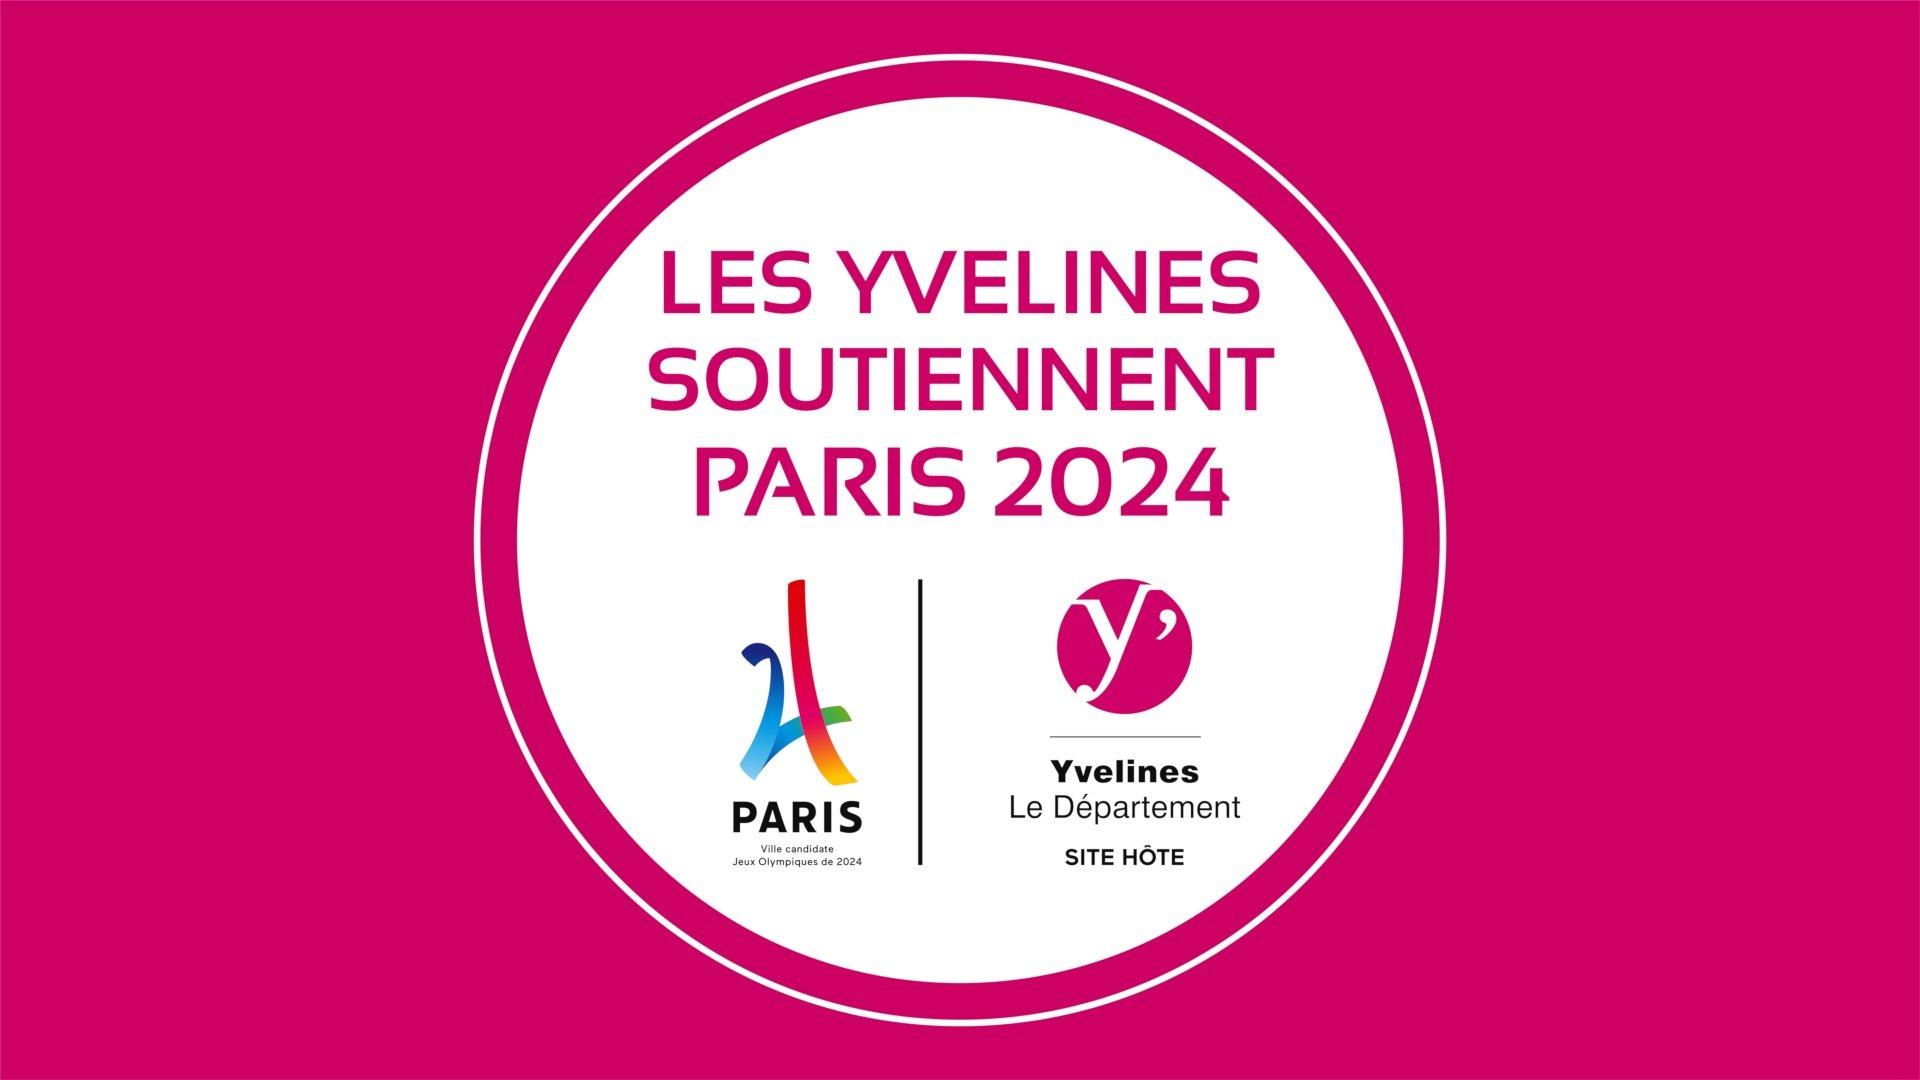 Paris 2024 une expo olympique va sillonner les yvelines for Que visiter dans les yvelines